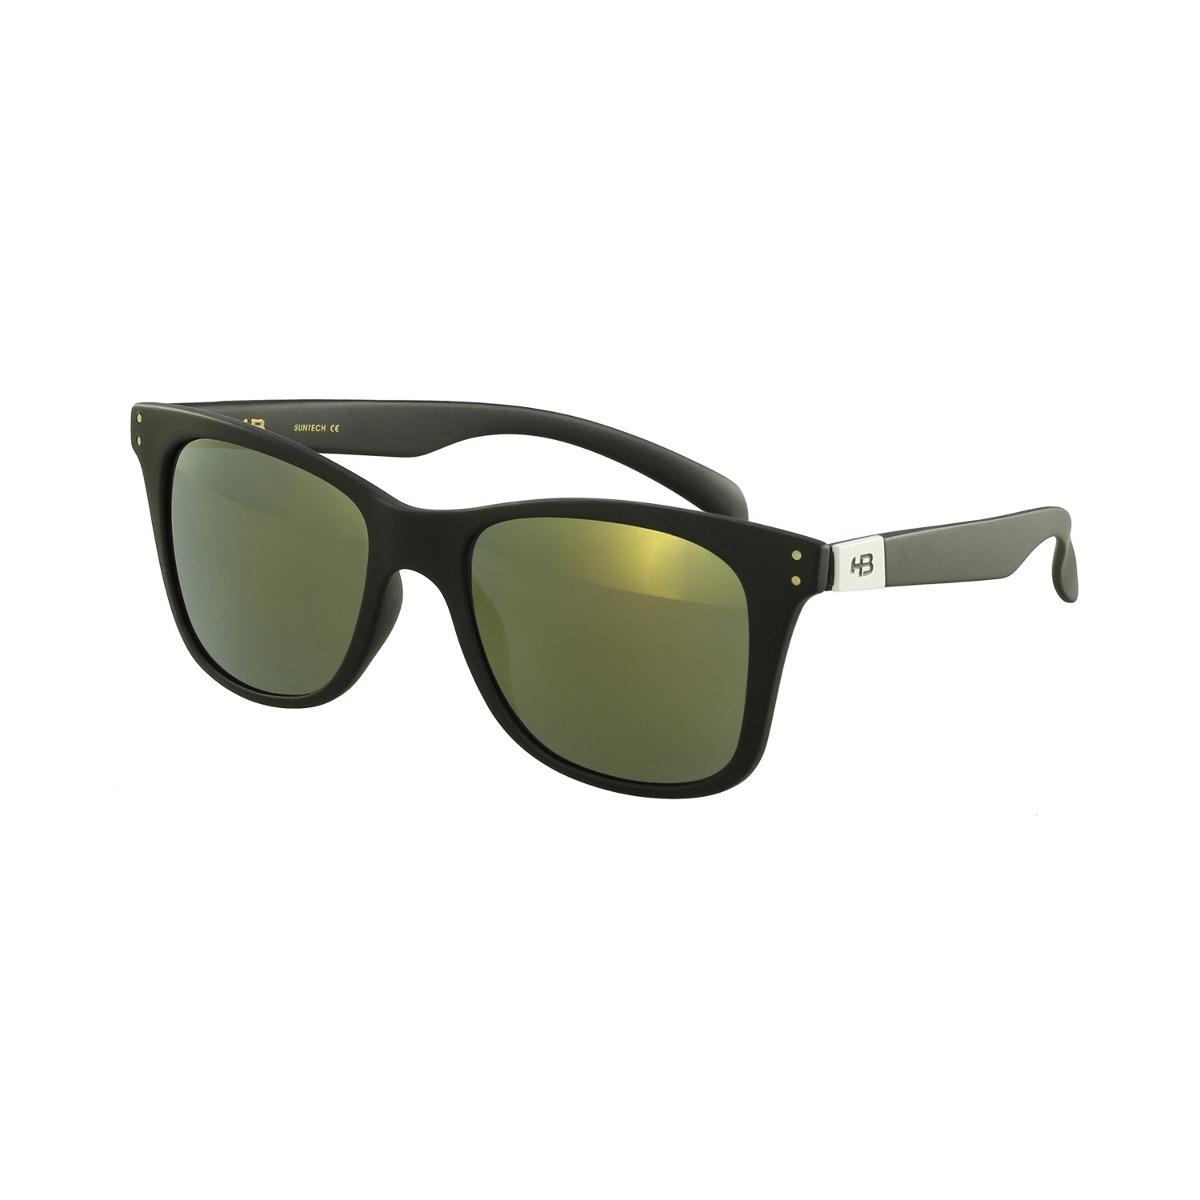 Óculos De Sol Hot Buttered Casual Preto - R  290,00 em Mercado Livre 98283aae6d